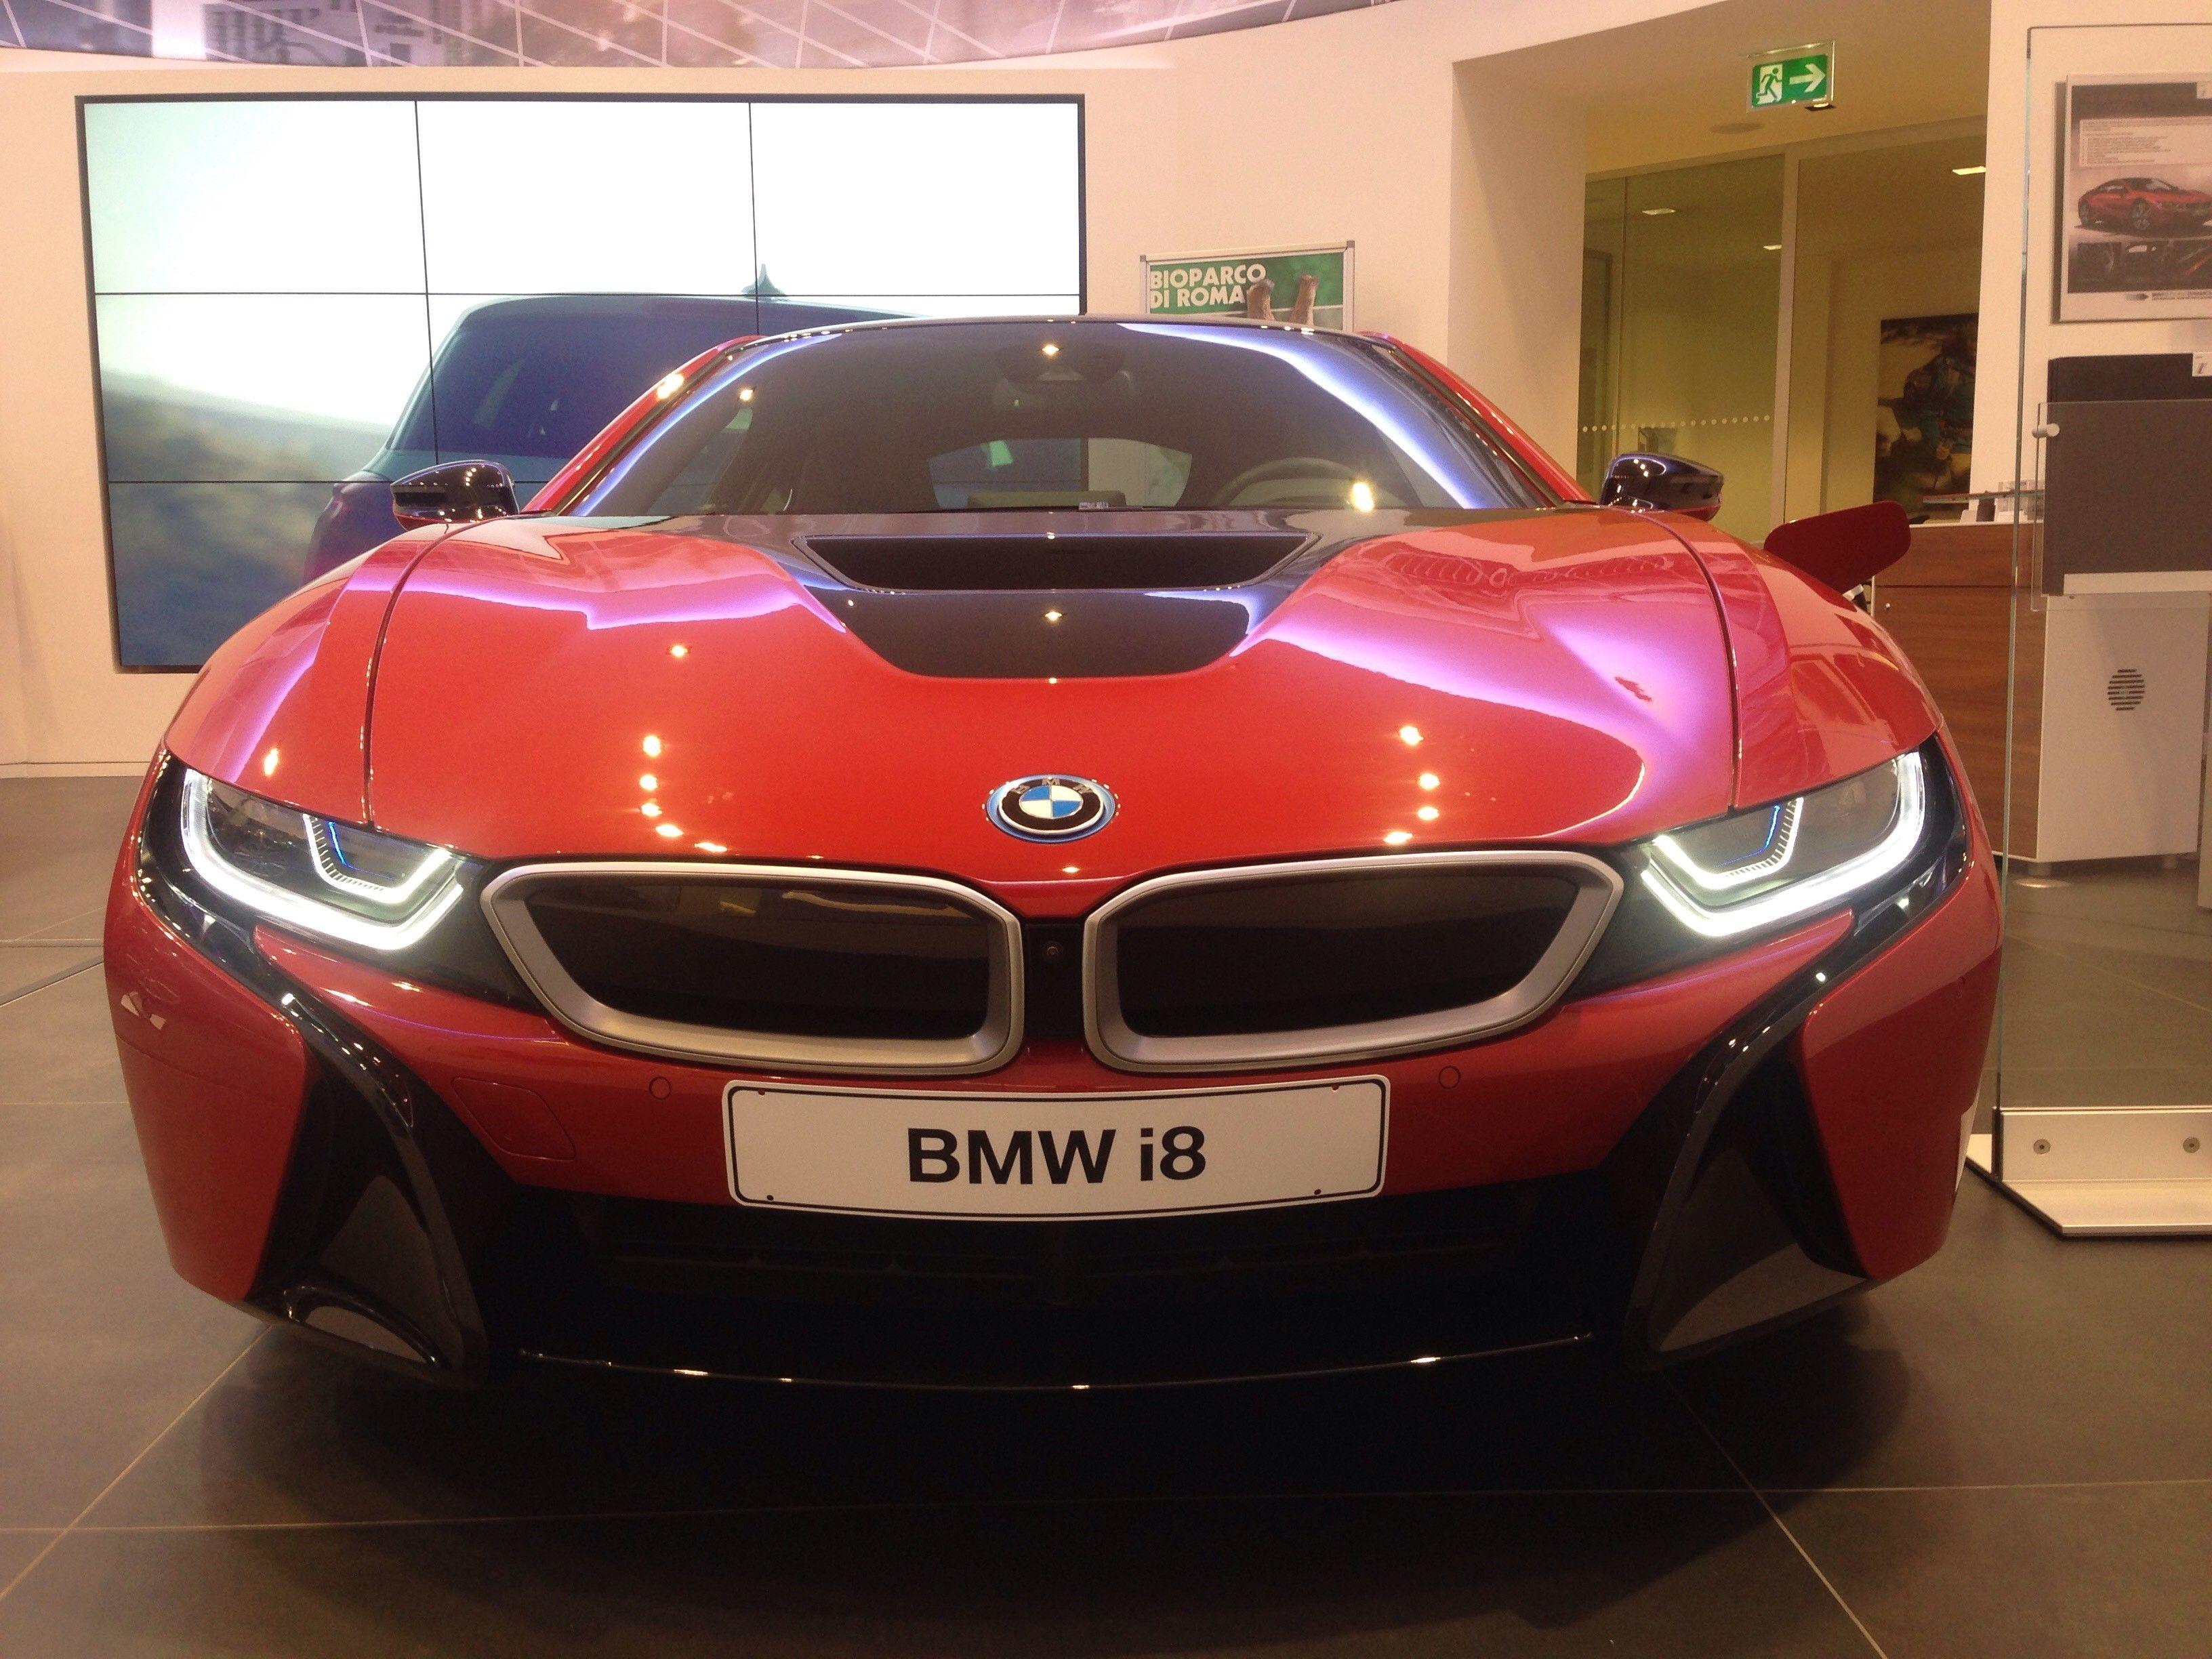 Il futuro a portata di mano. BMW i8.